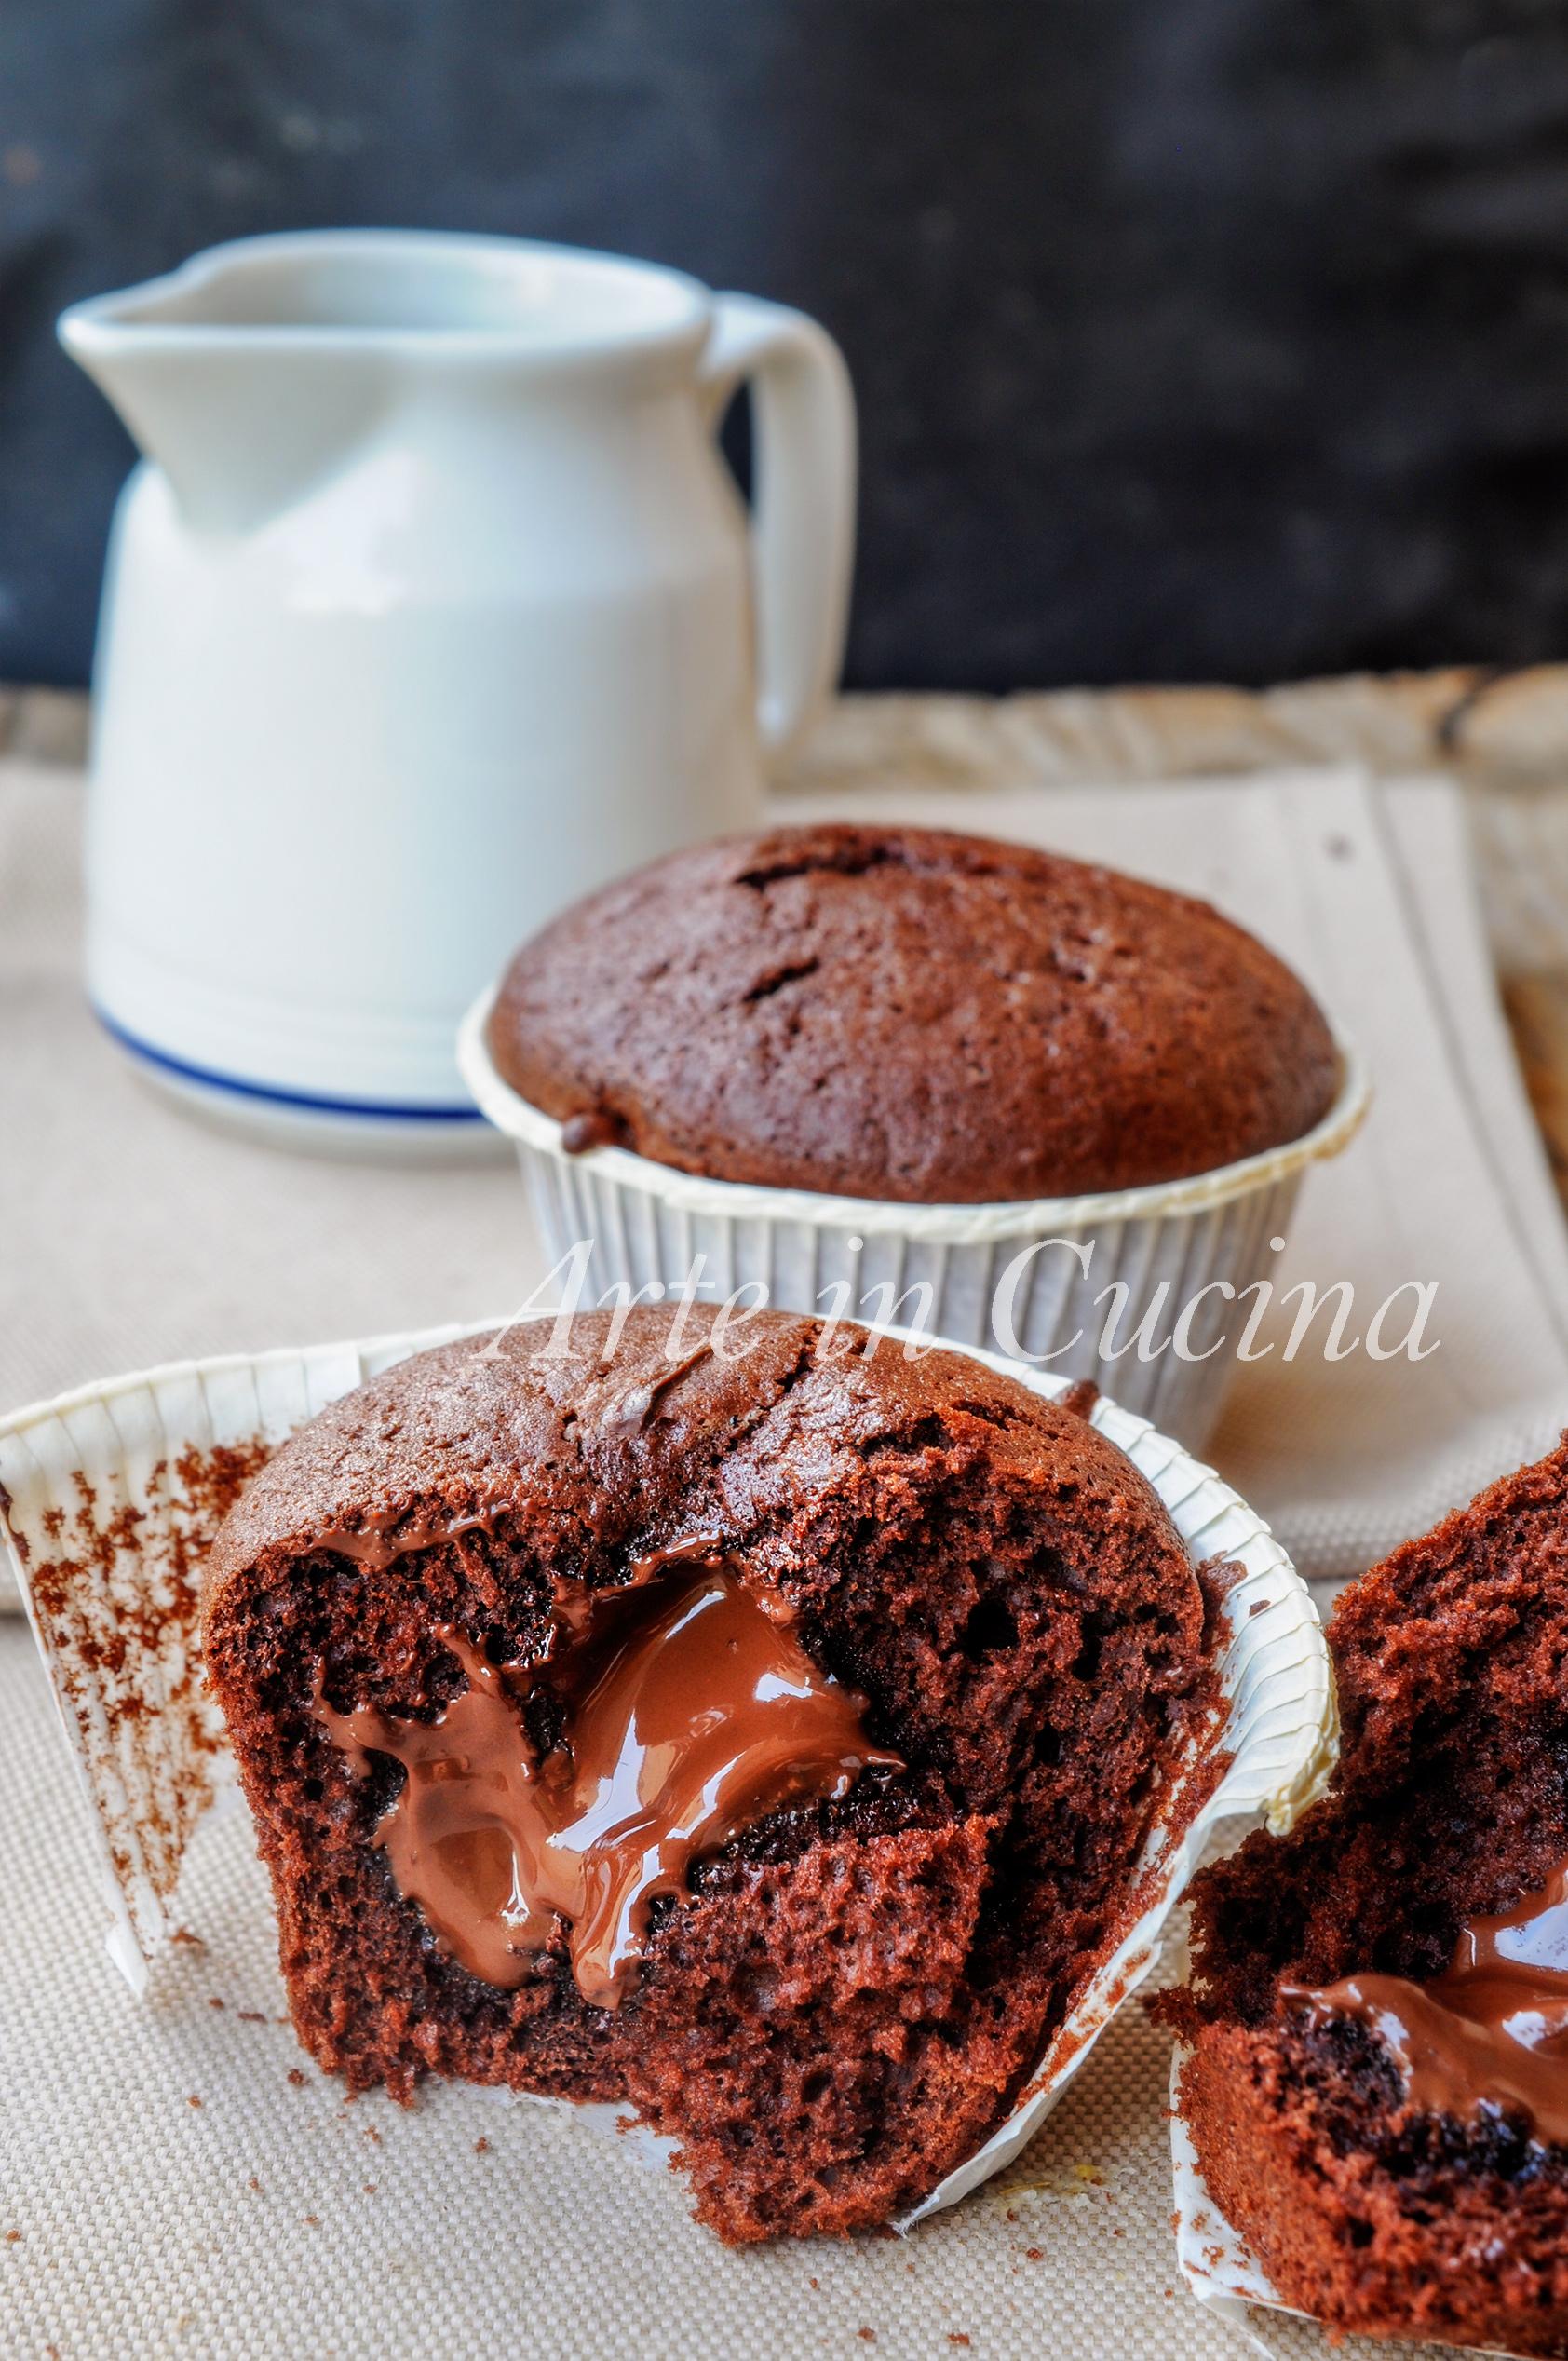 Muffin con cuore morbido di nutella al cioccolato vickyart arte in cucina